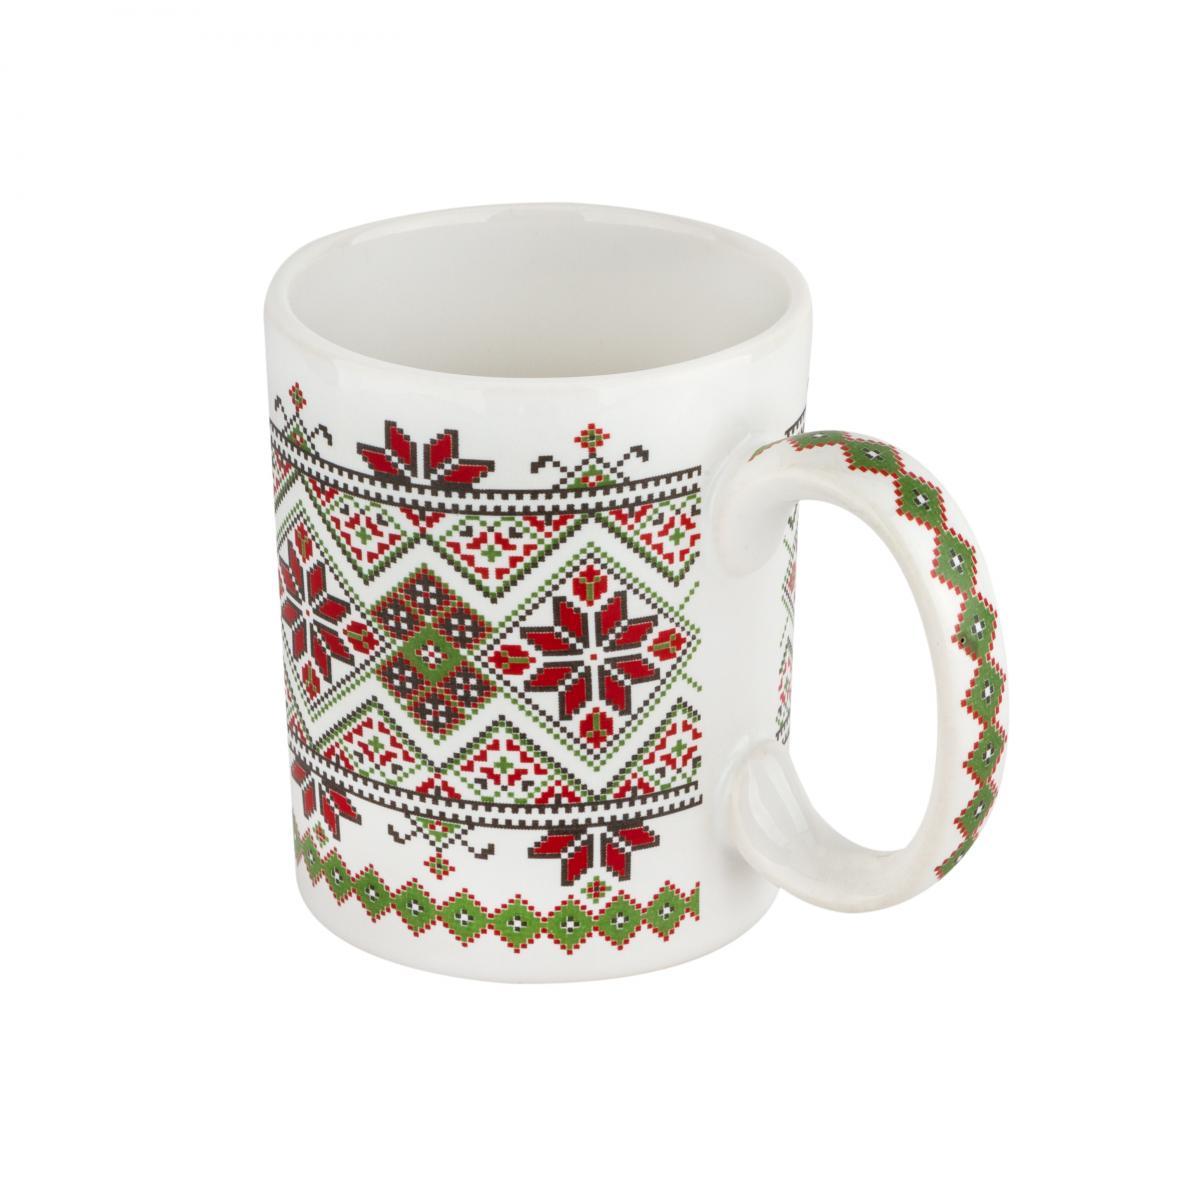 Чашка с красно-зеленым узором – 150 мл. Фото №2. | Народный дом Украина